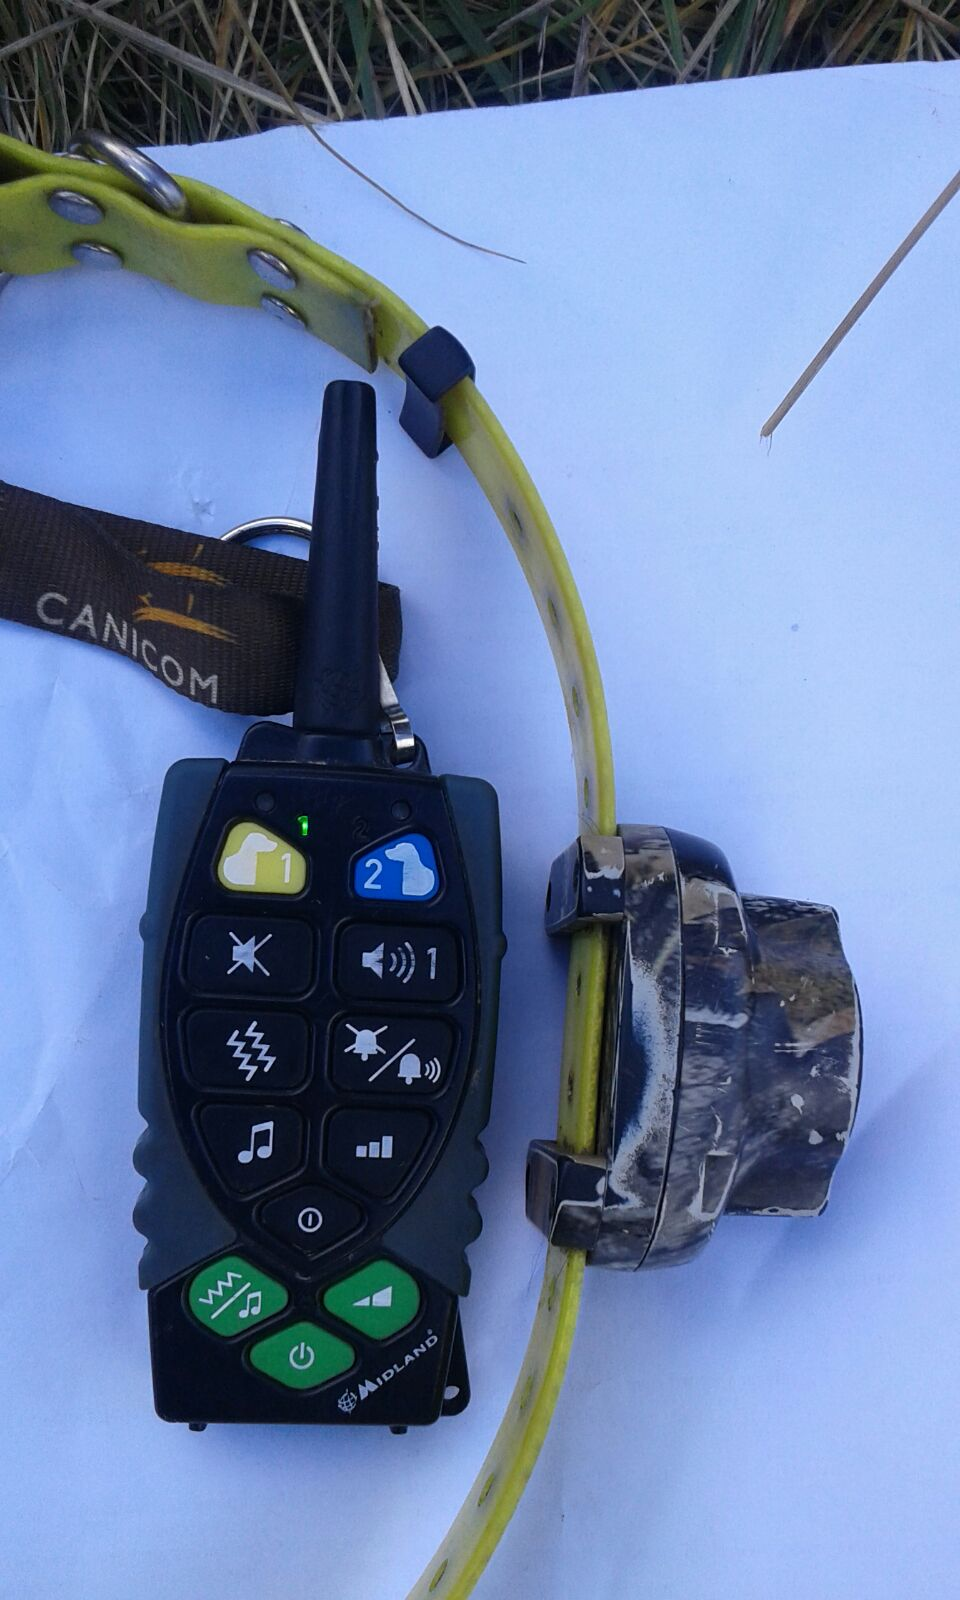 Schema Elettrico Beeper Per Cani : A caccia con richiami vivi e collari elettrici per i cani